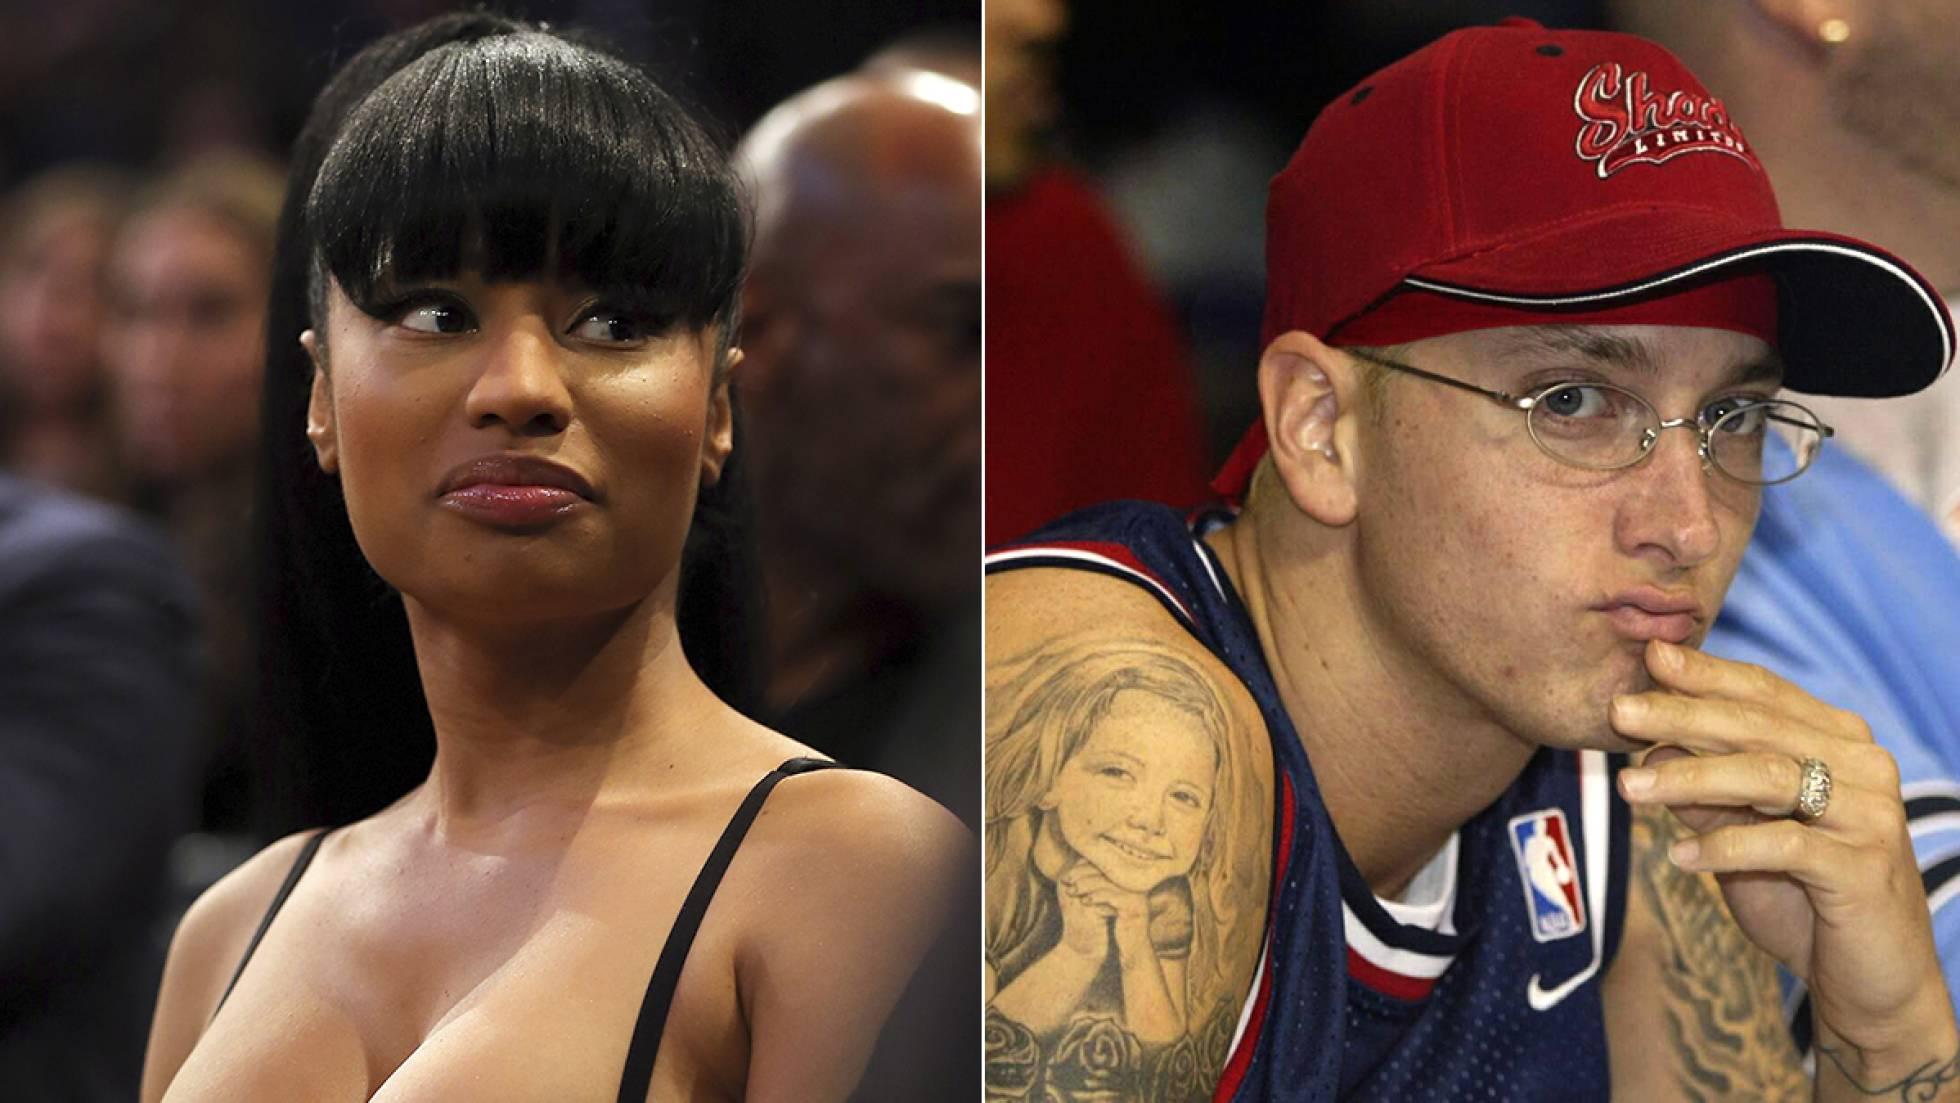 Nicki Minaj dice que sale con Eminem y después que era una broma 1527356340_715905_1527356516_noticia_normal_recorte1